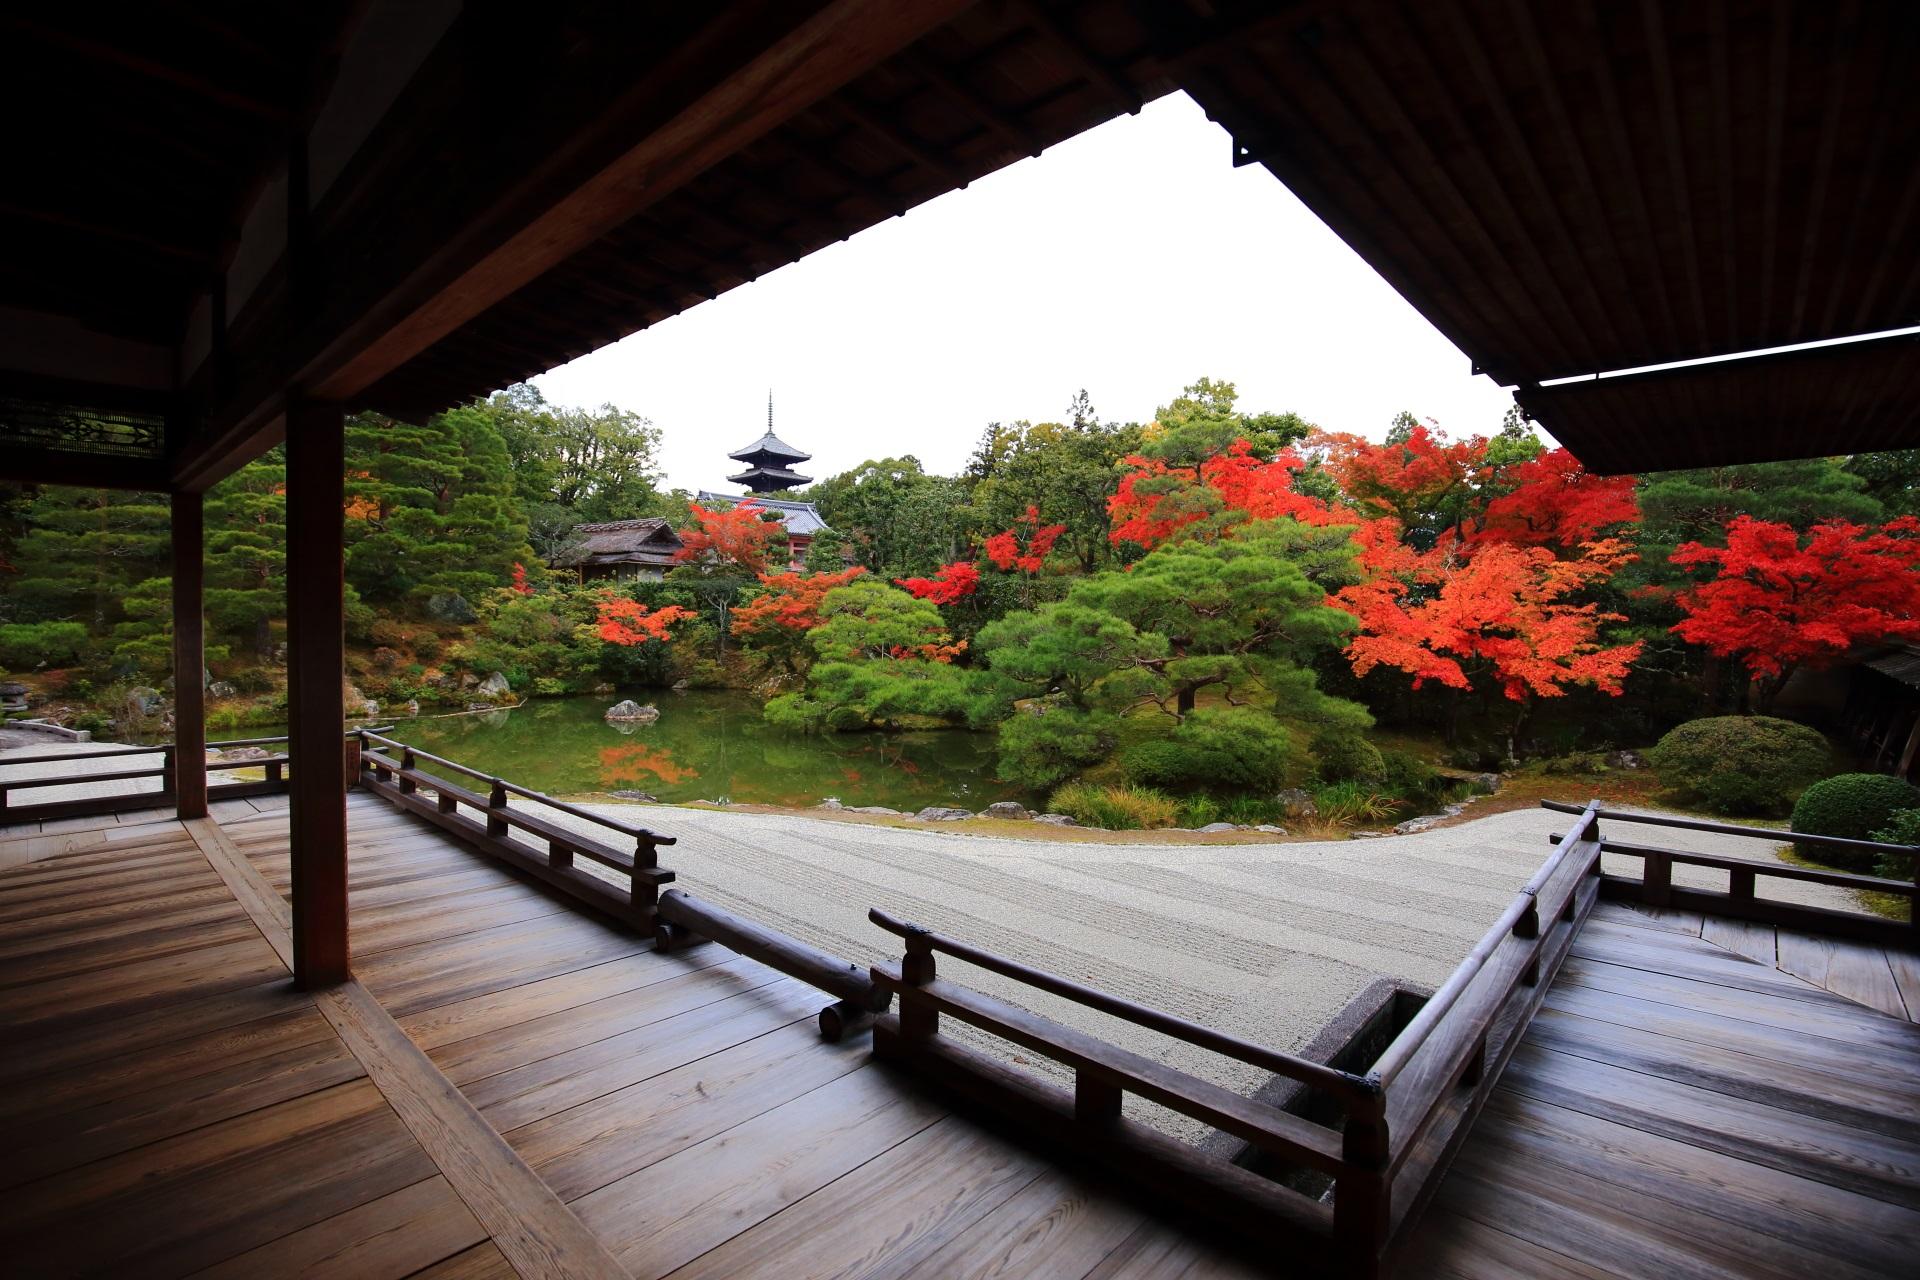 仁和寺の素晴らしい紅葉と秋の情景